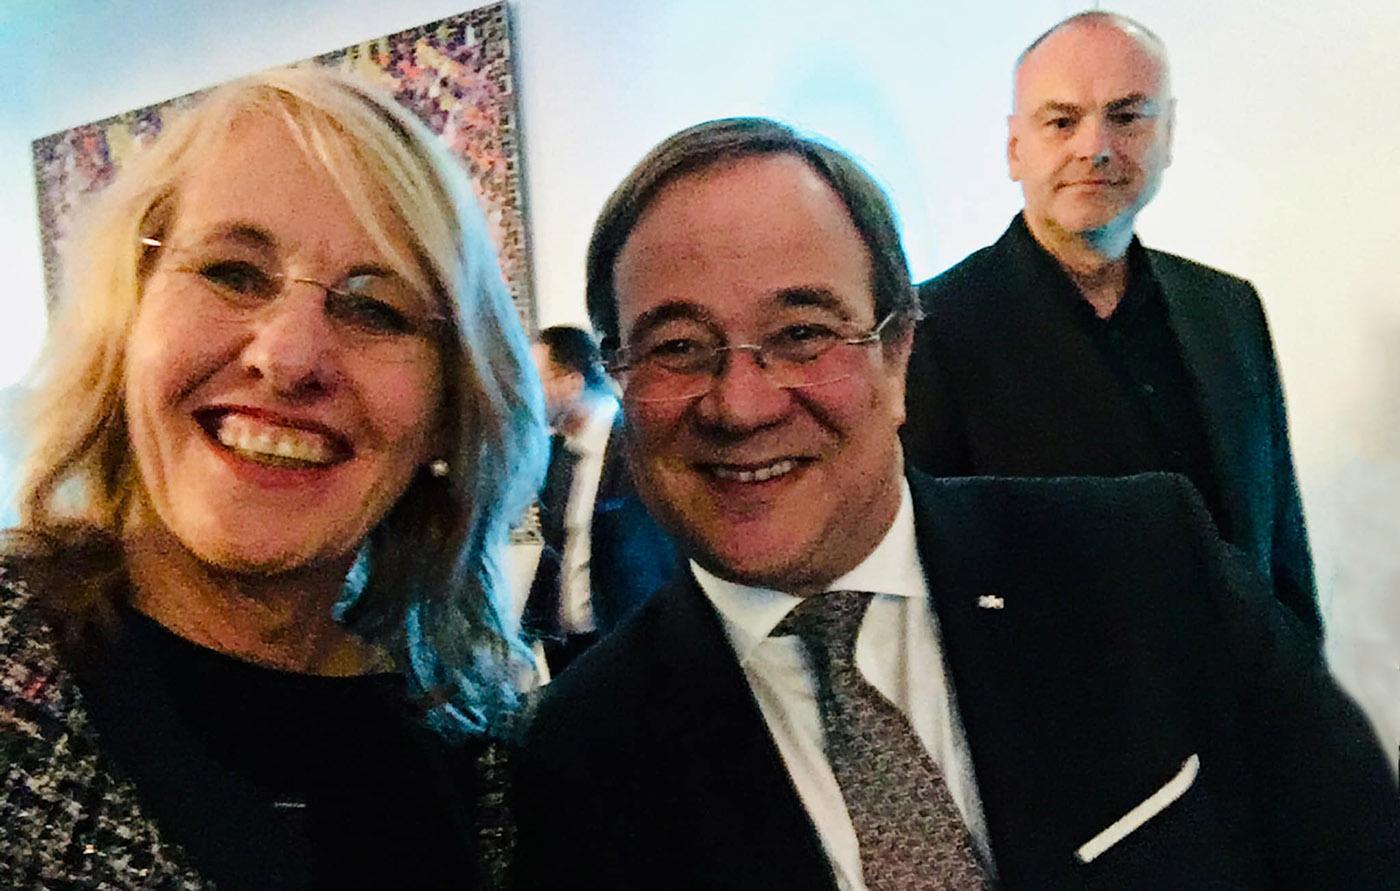 Mein Tischherr bei Goût de France 2019: Armin Laschet, Ministerpräsident von Nordrhein-Westfalen und Kulturbevollmächtigter der Bundesrepublik Deutschland für Frankreich. Foto: Hilke Maunder